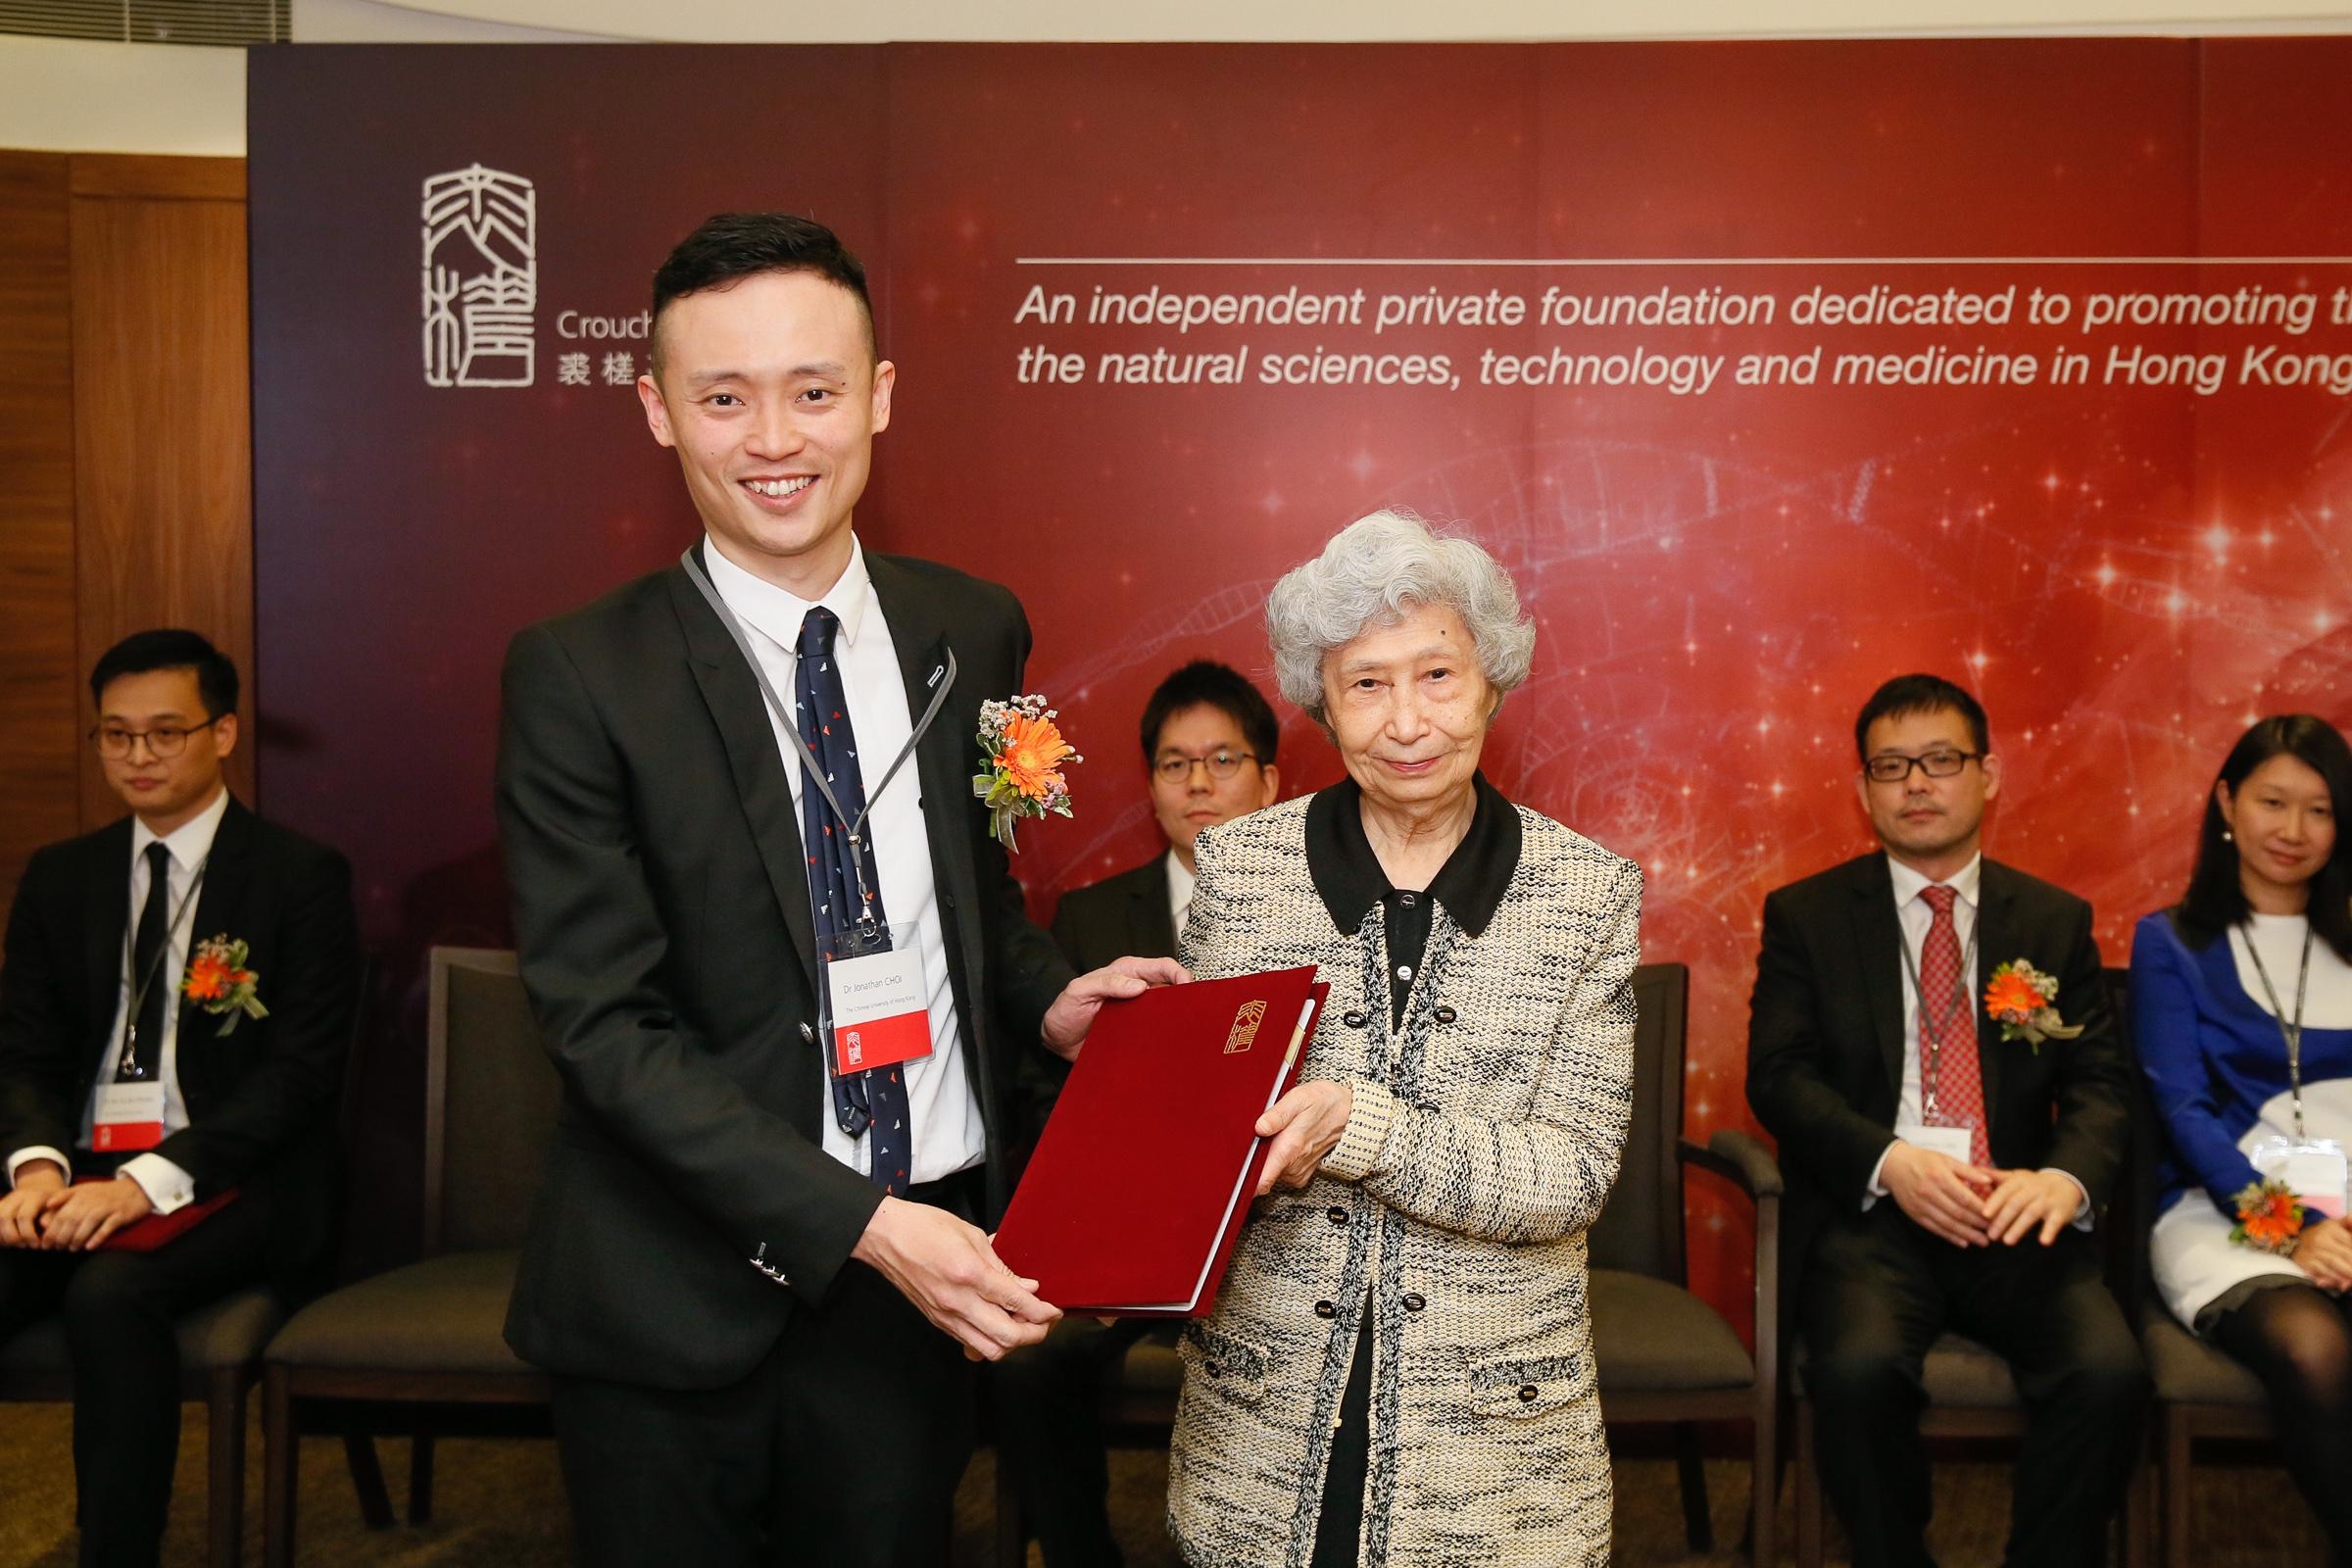 杨紫芝教授颁发「裘槎前瞻科研大奖」予蔡宗衡教授